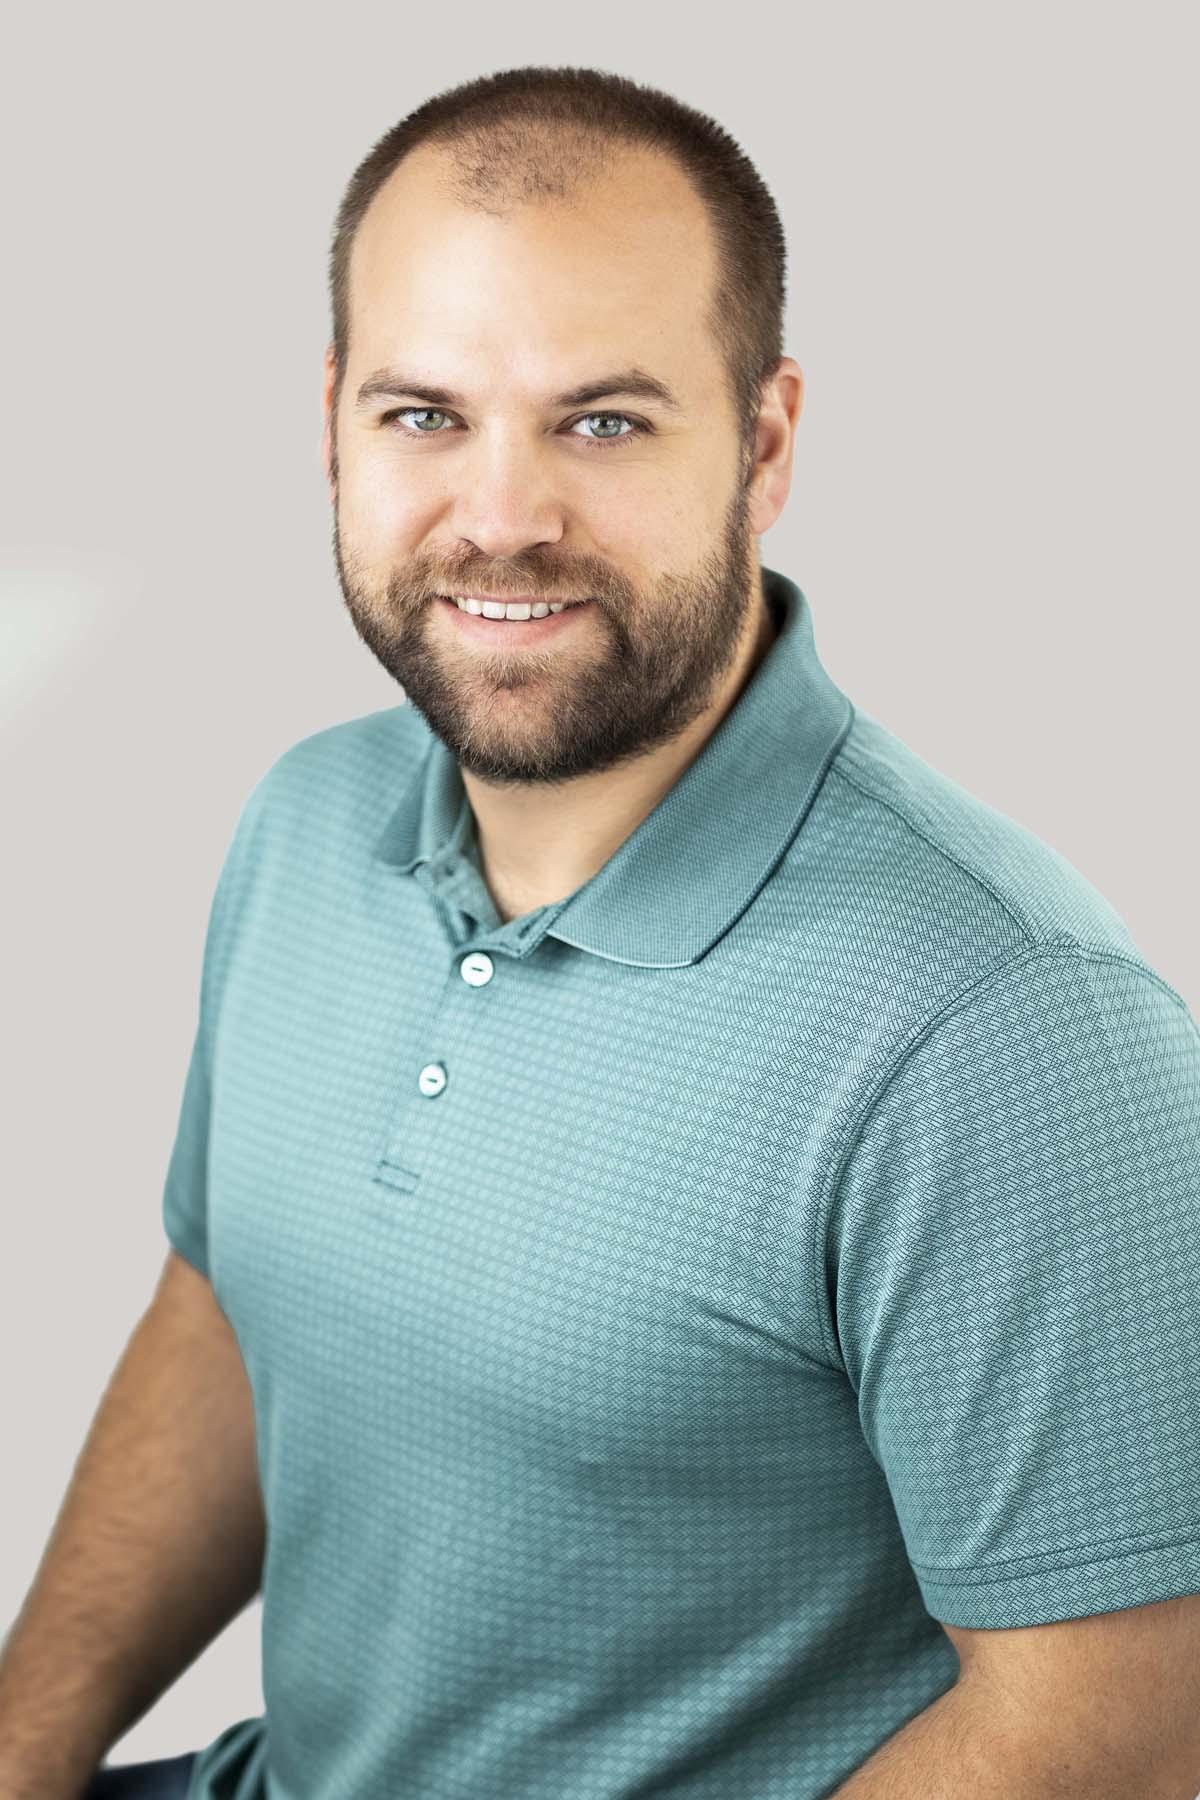 Cory Fecher